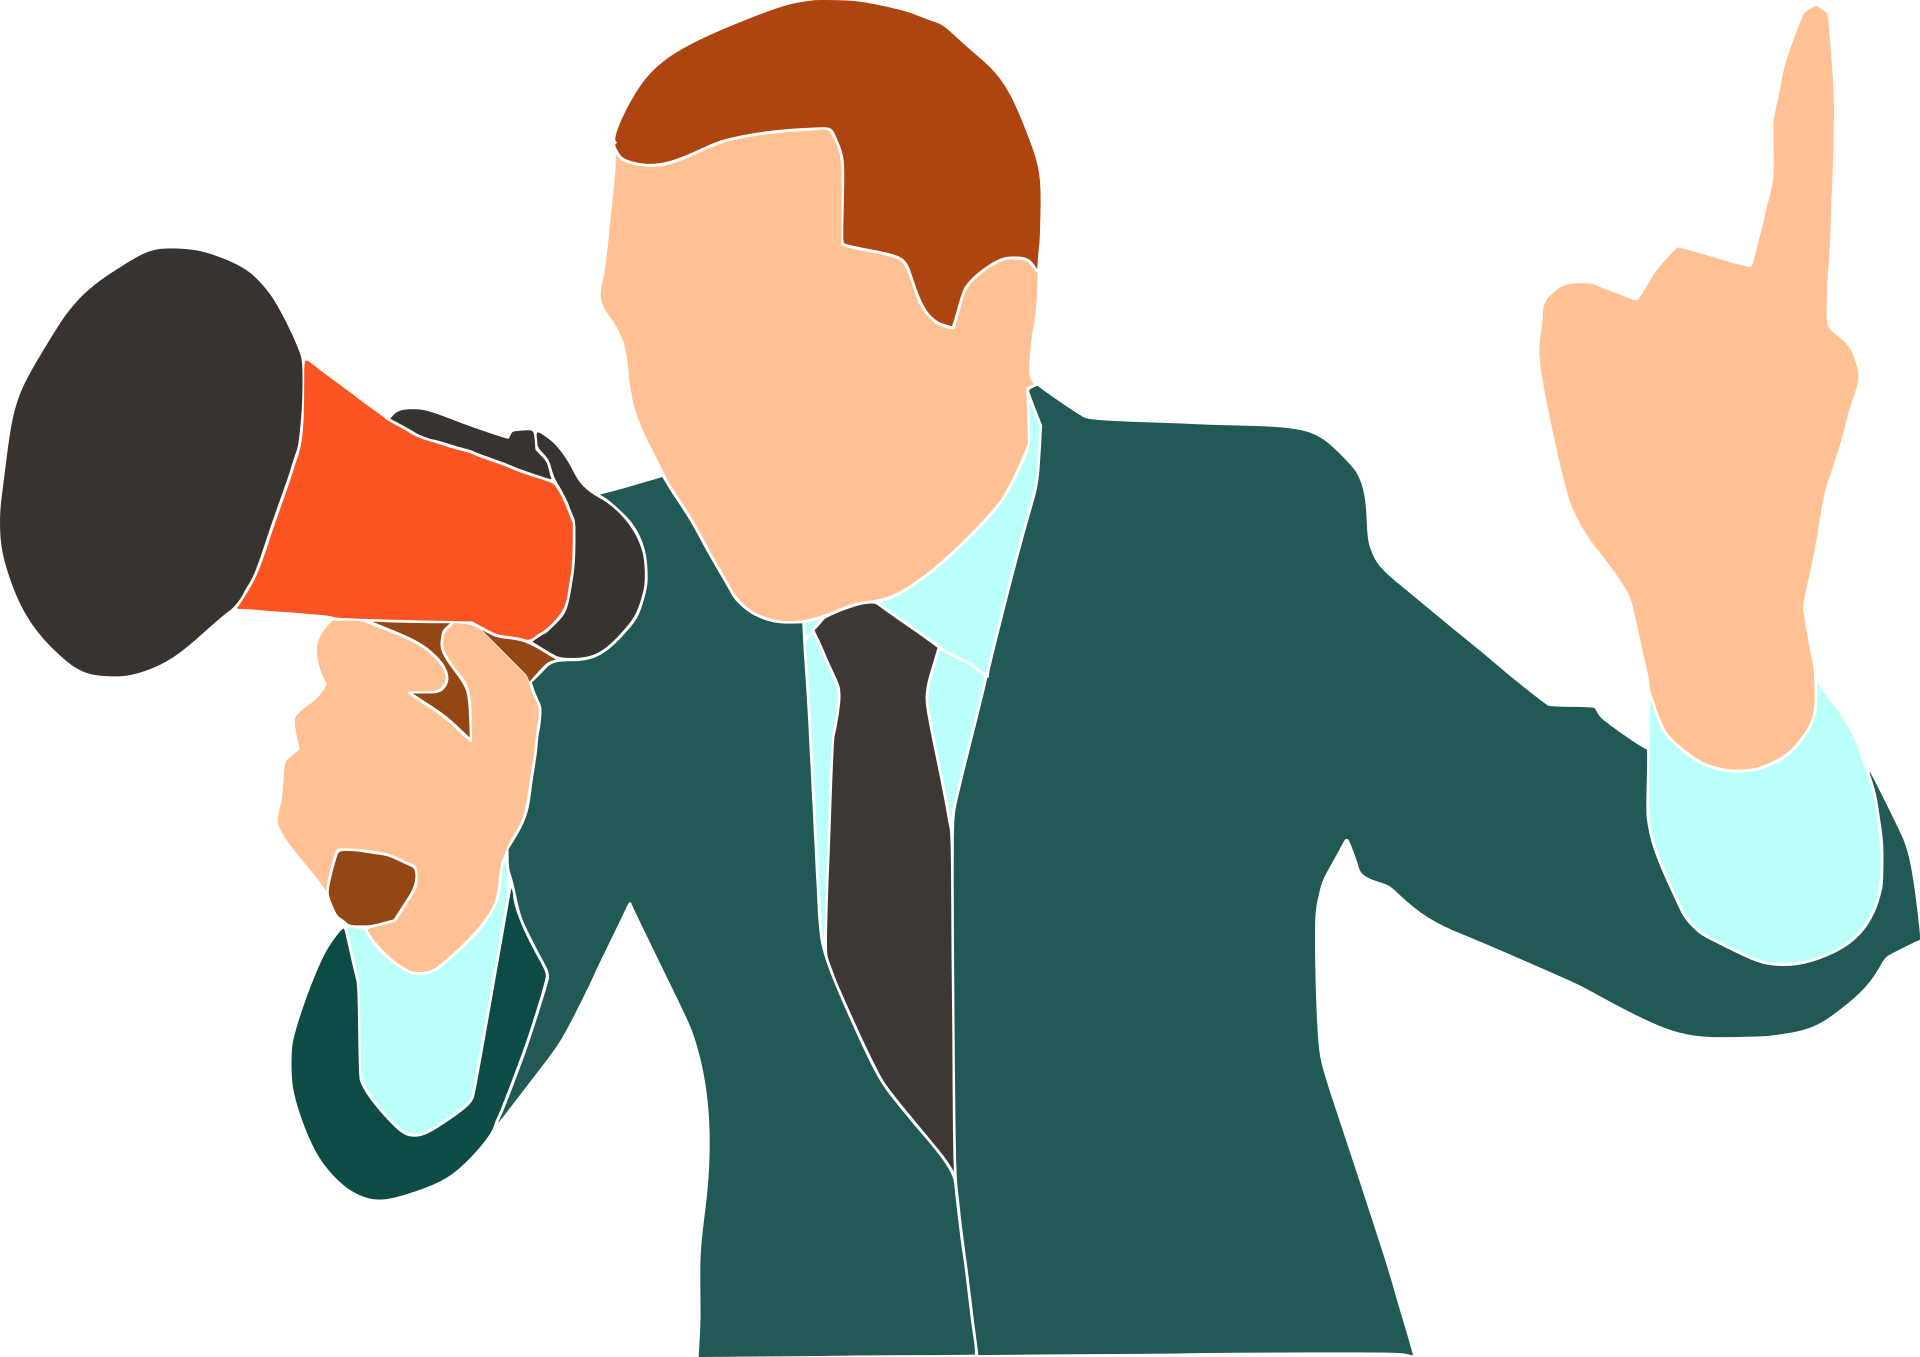 Le langage non verbal : le mode de langage explicite dans la communication multiviatique